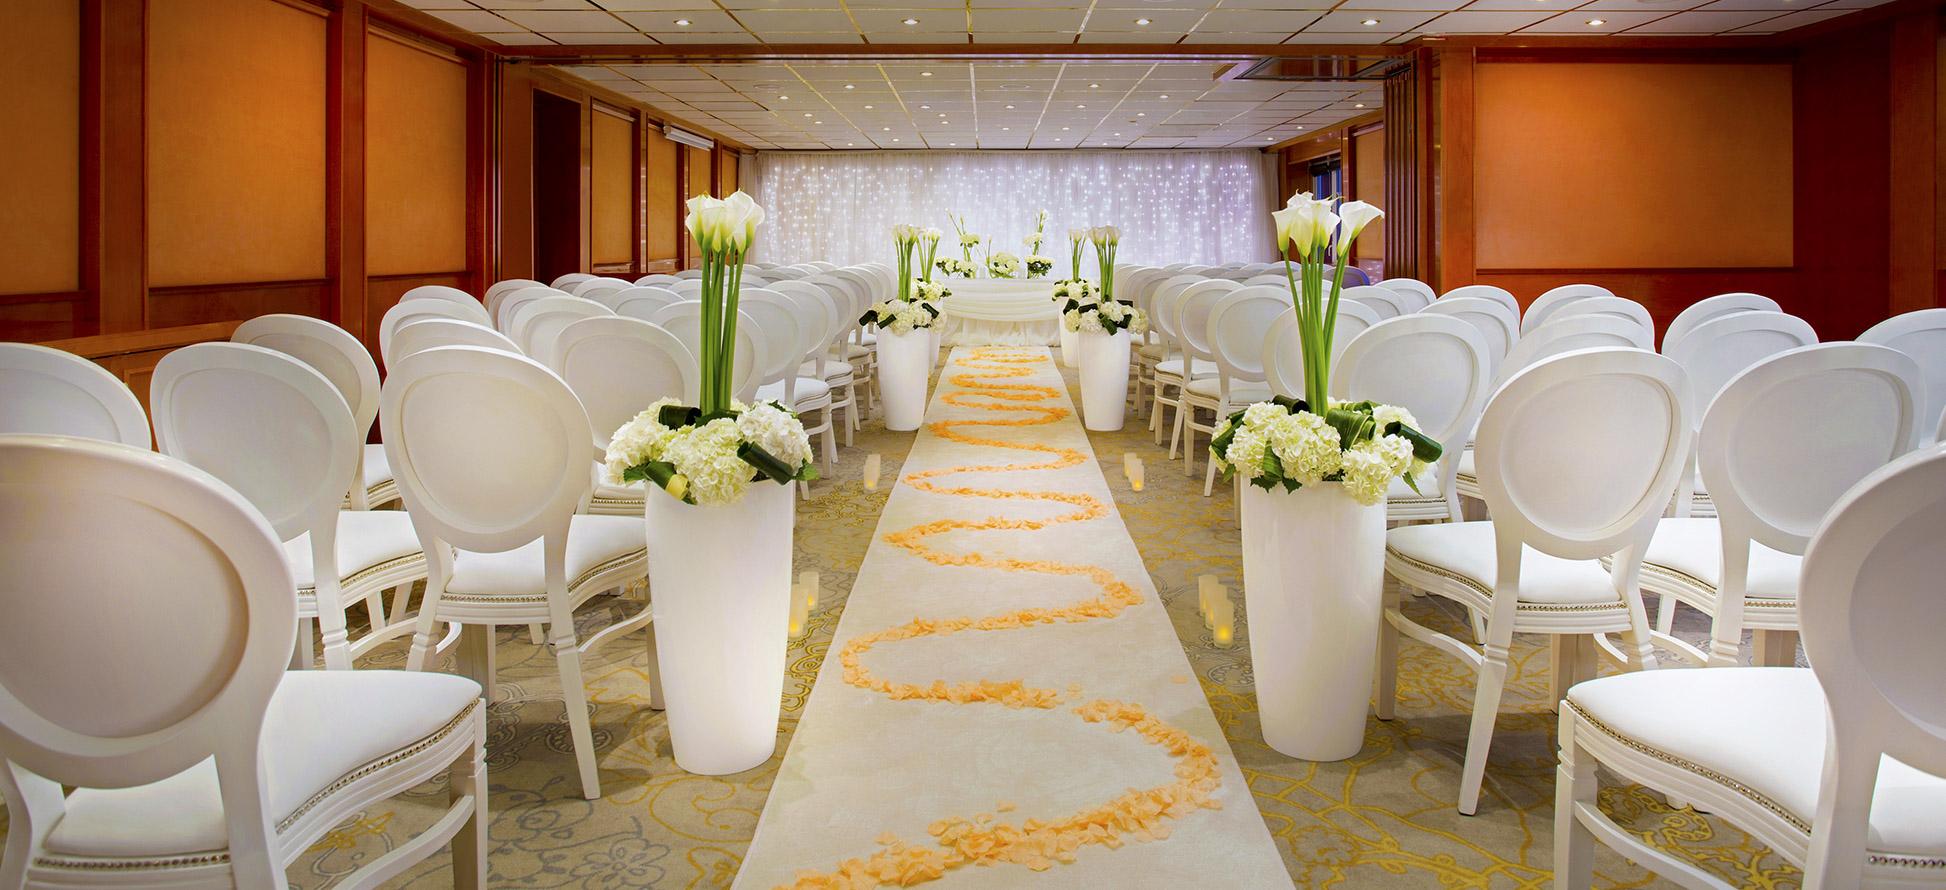 docklands-wedding-venue.jpg